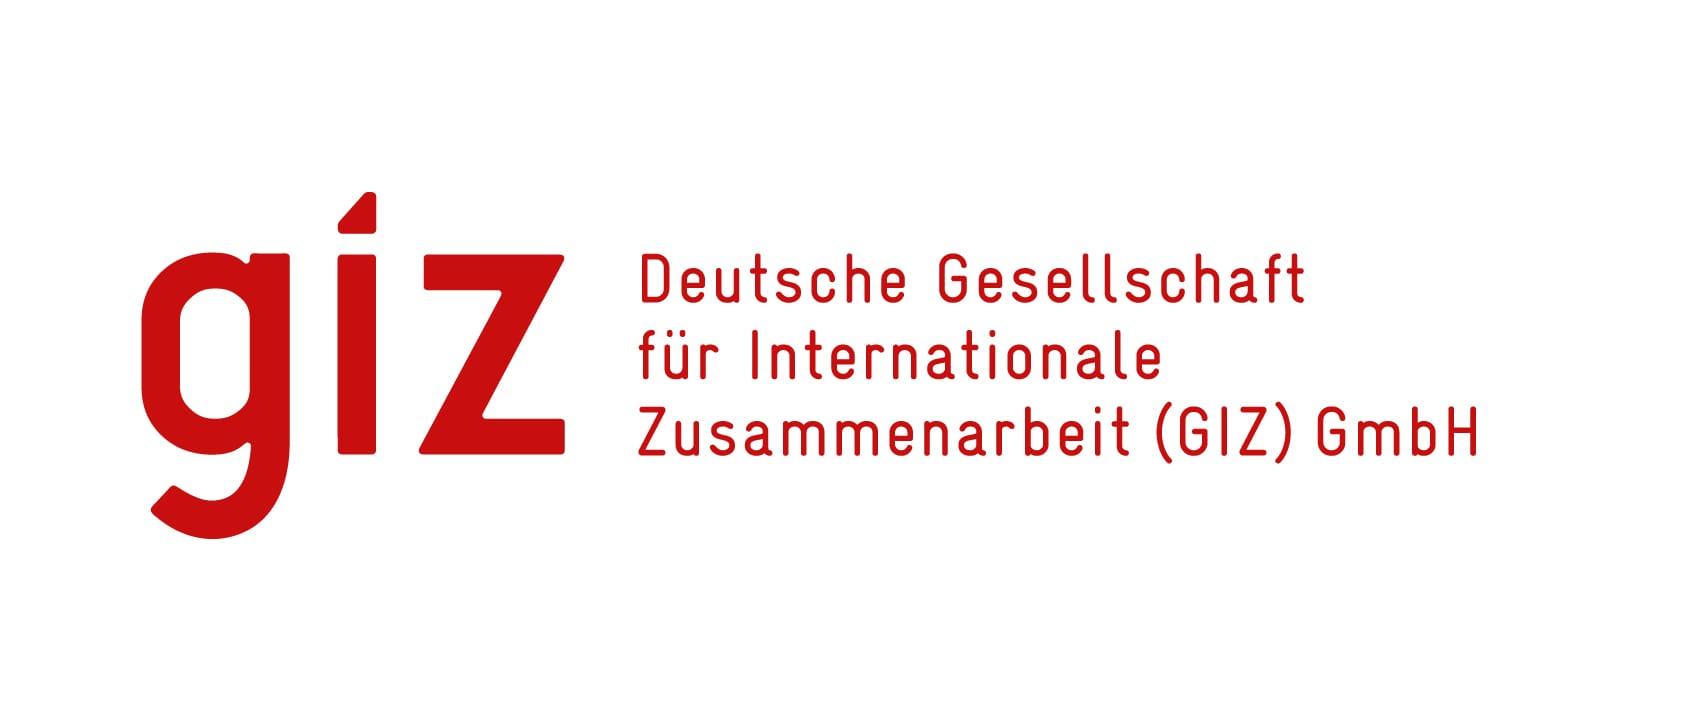 Logo GIZ – Deutsche Gesellschaft für Internationale Zusammenarbeit